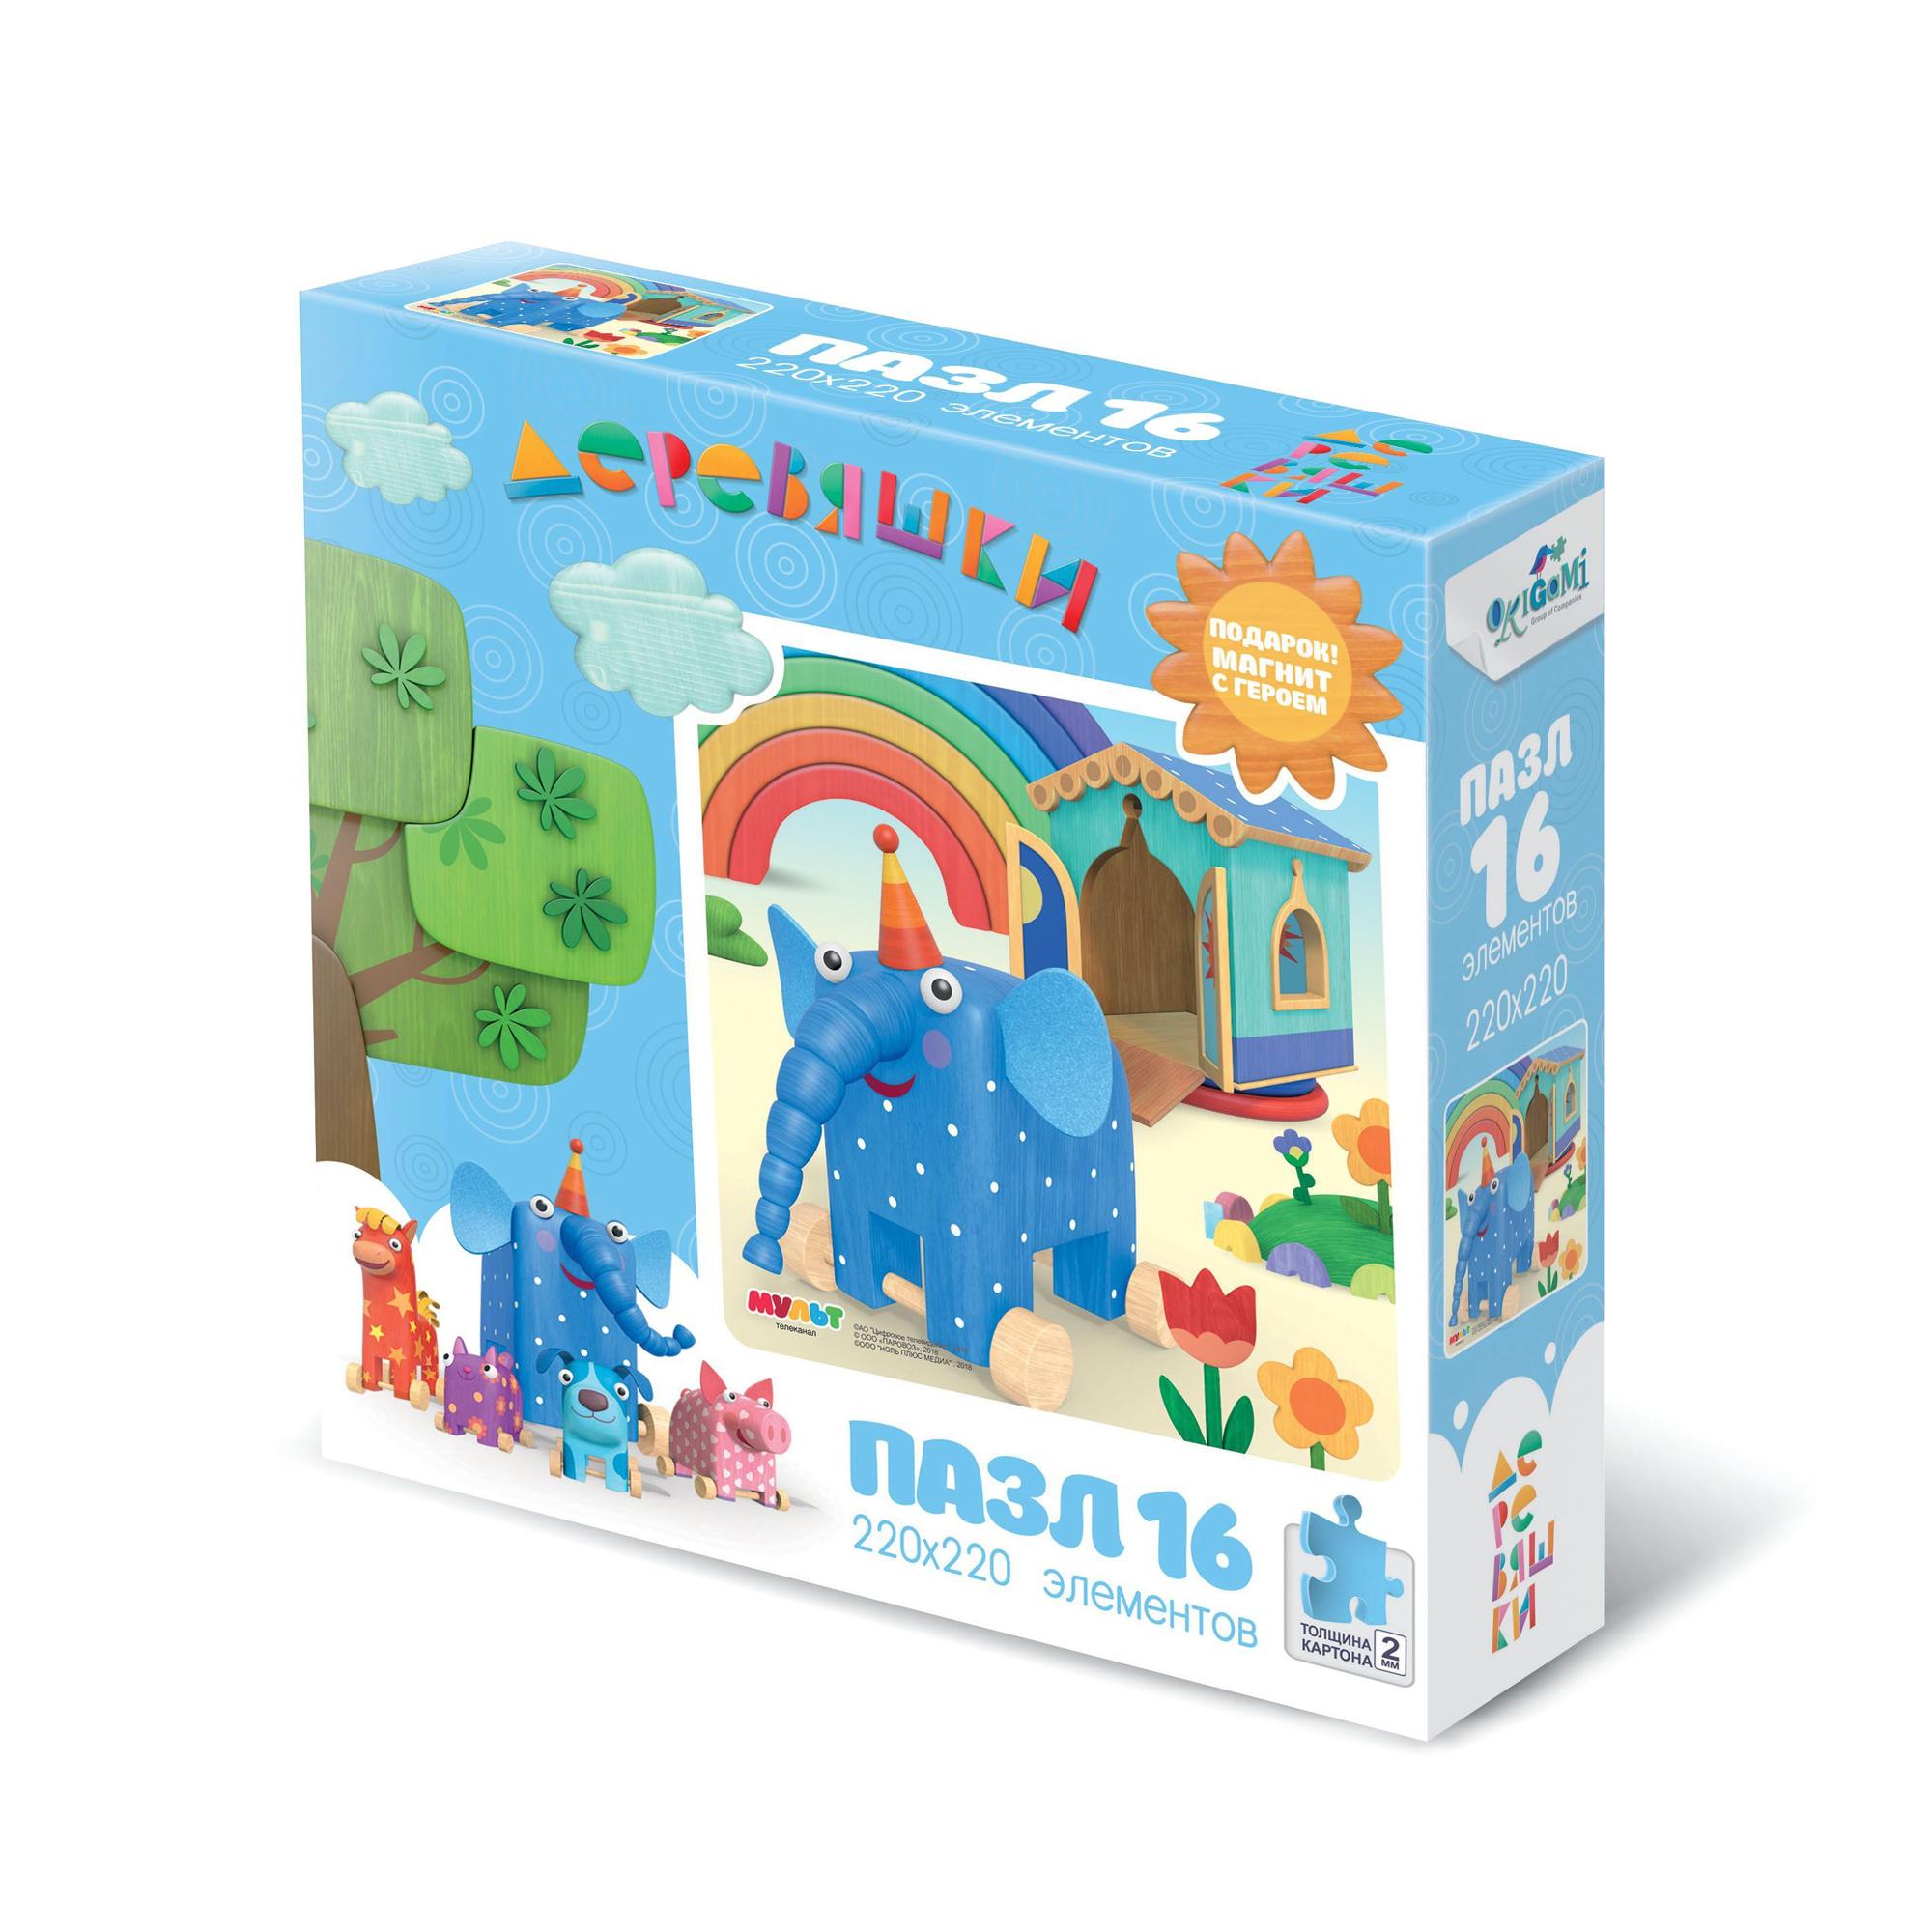 Пазл для малышей Оригами Деревяшки Доброе утро 16 элементов